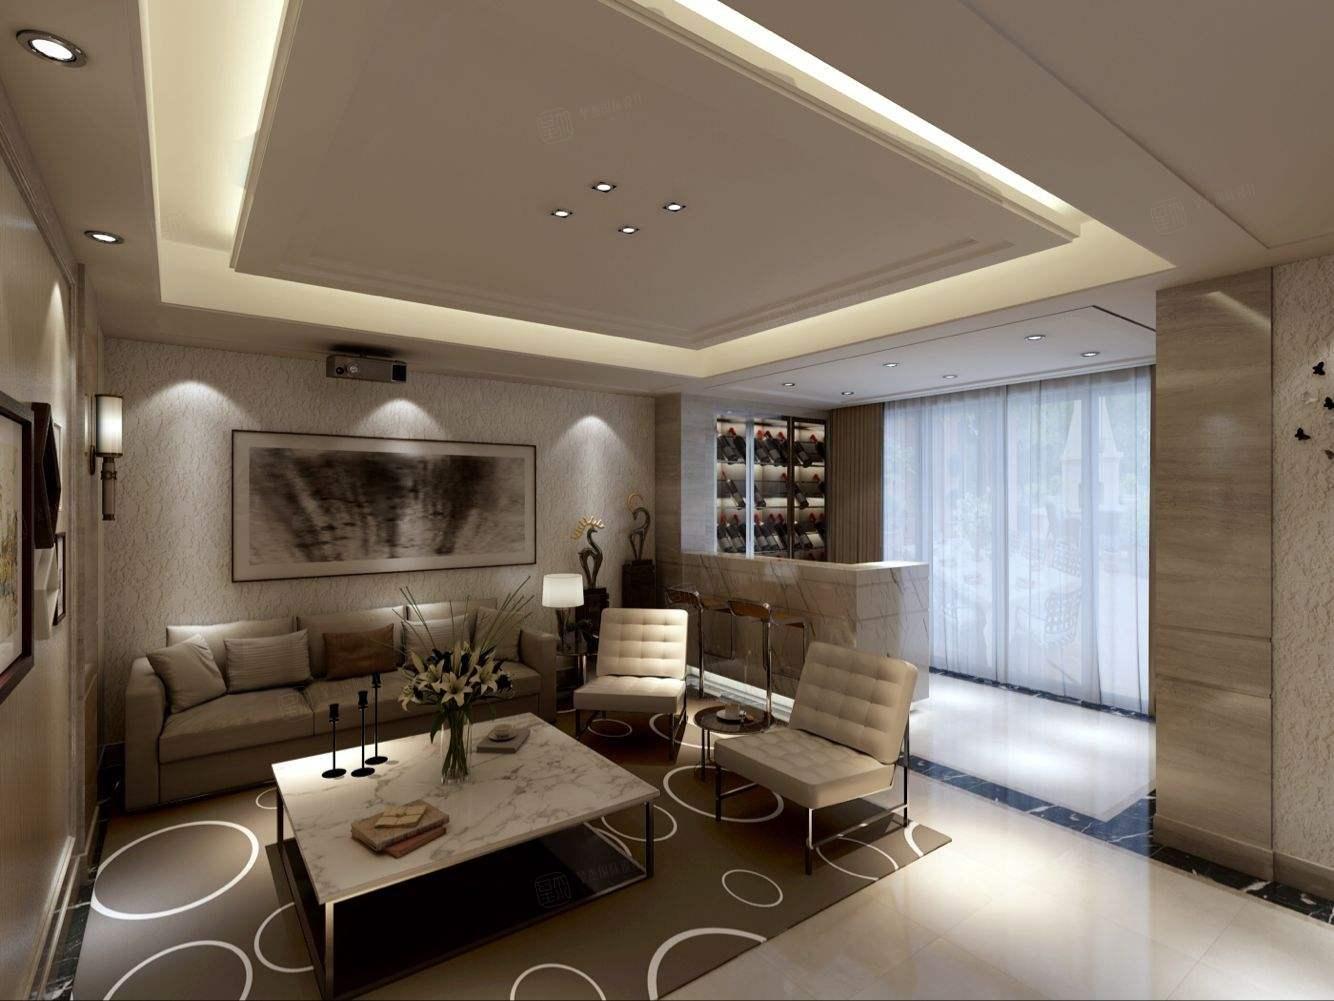 丽都华庭 现代时尚装修起居室效果图